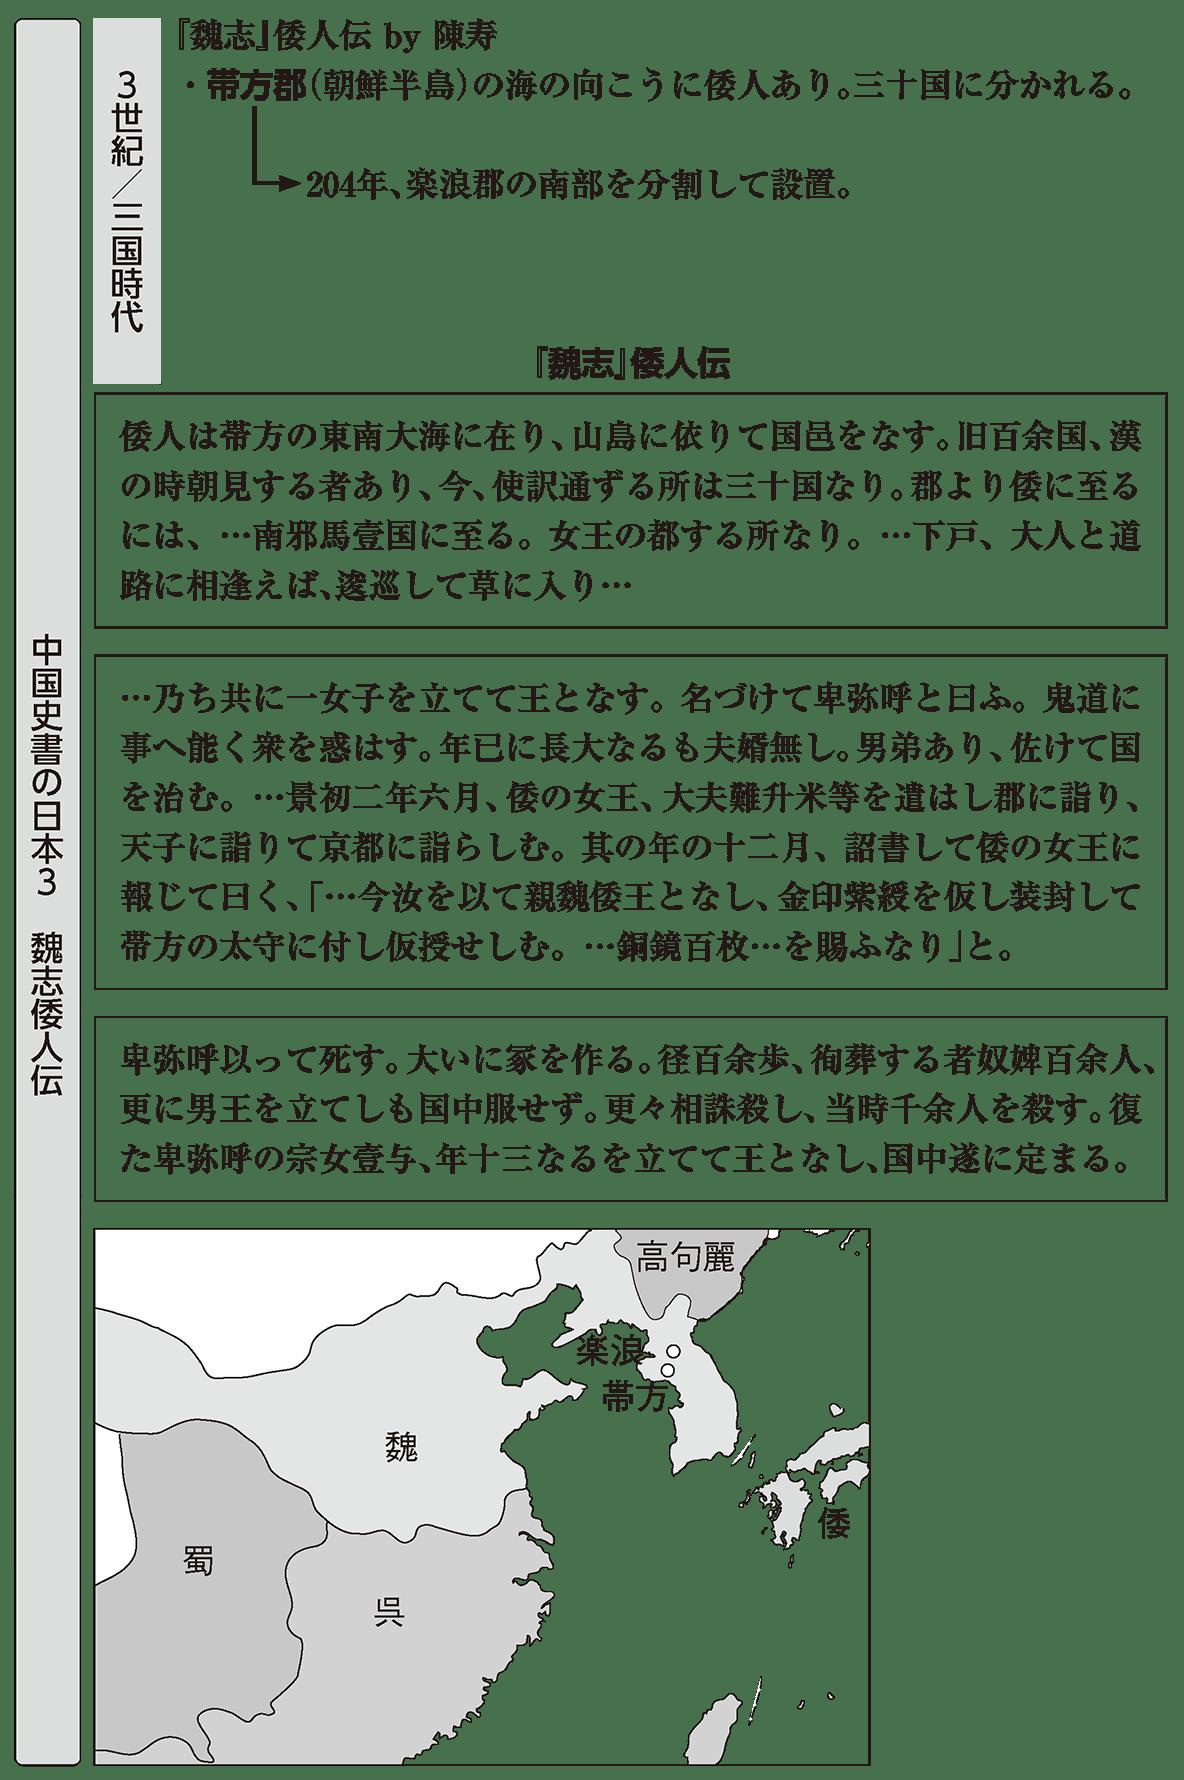 弥生時代の政治2 ポイント1 『魏志』倭人伝(最初から地図まで)